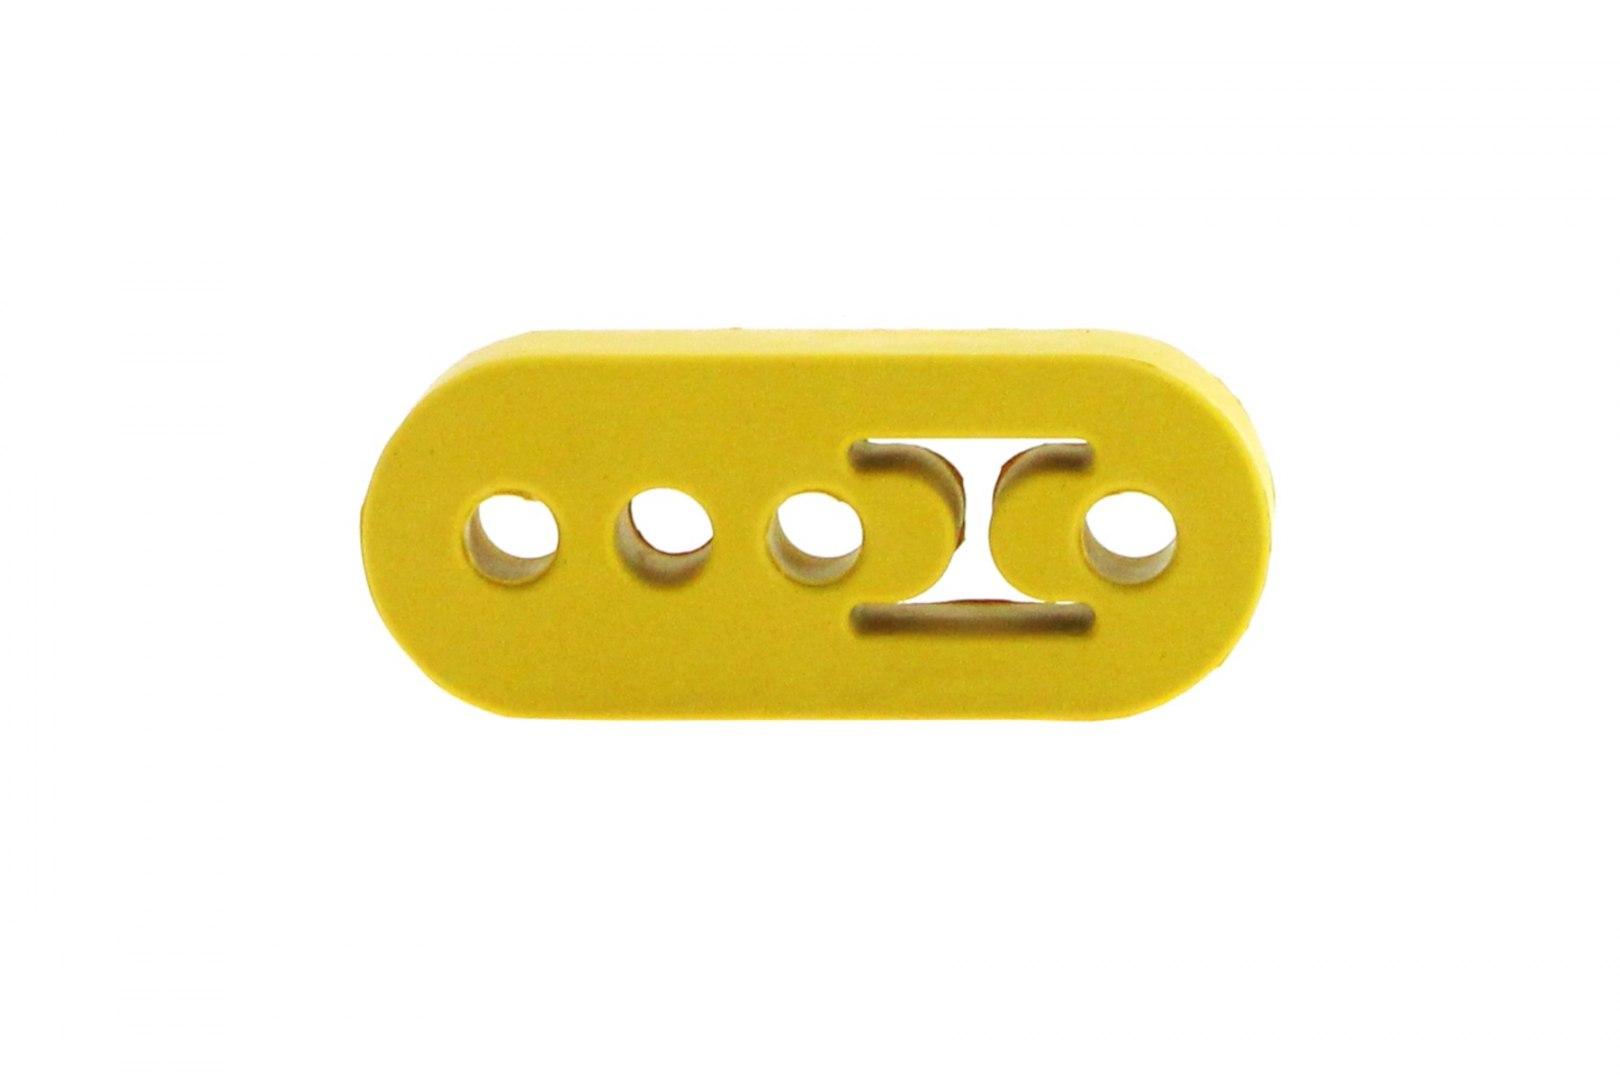 Wieszak Tłumika Typ-2 TurboWorks Żółty - GRUBYGARAGE - Sklep Tuningowy